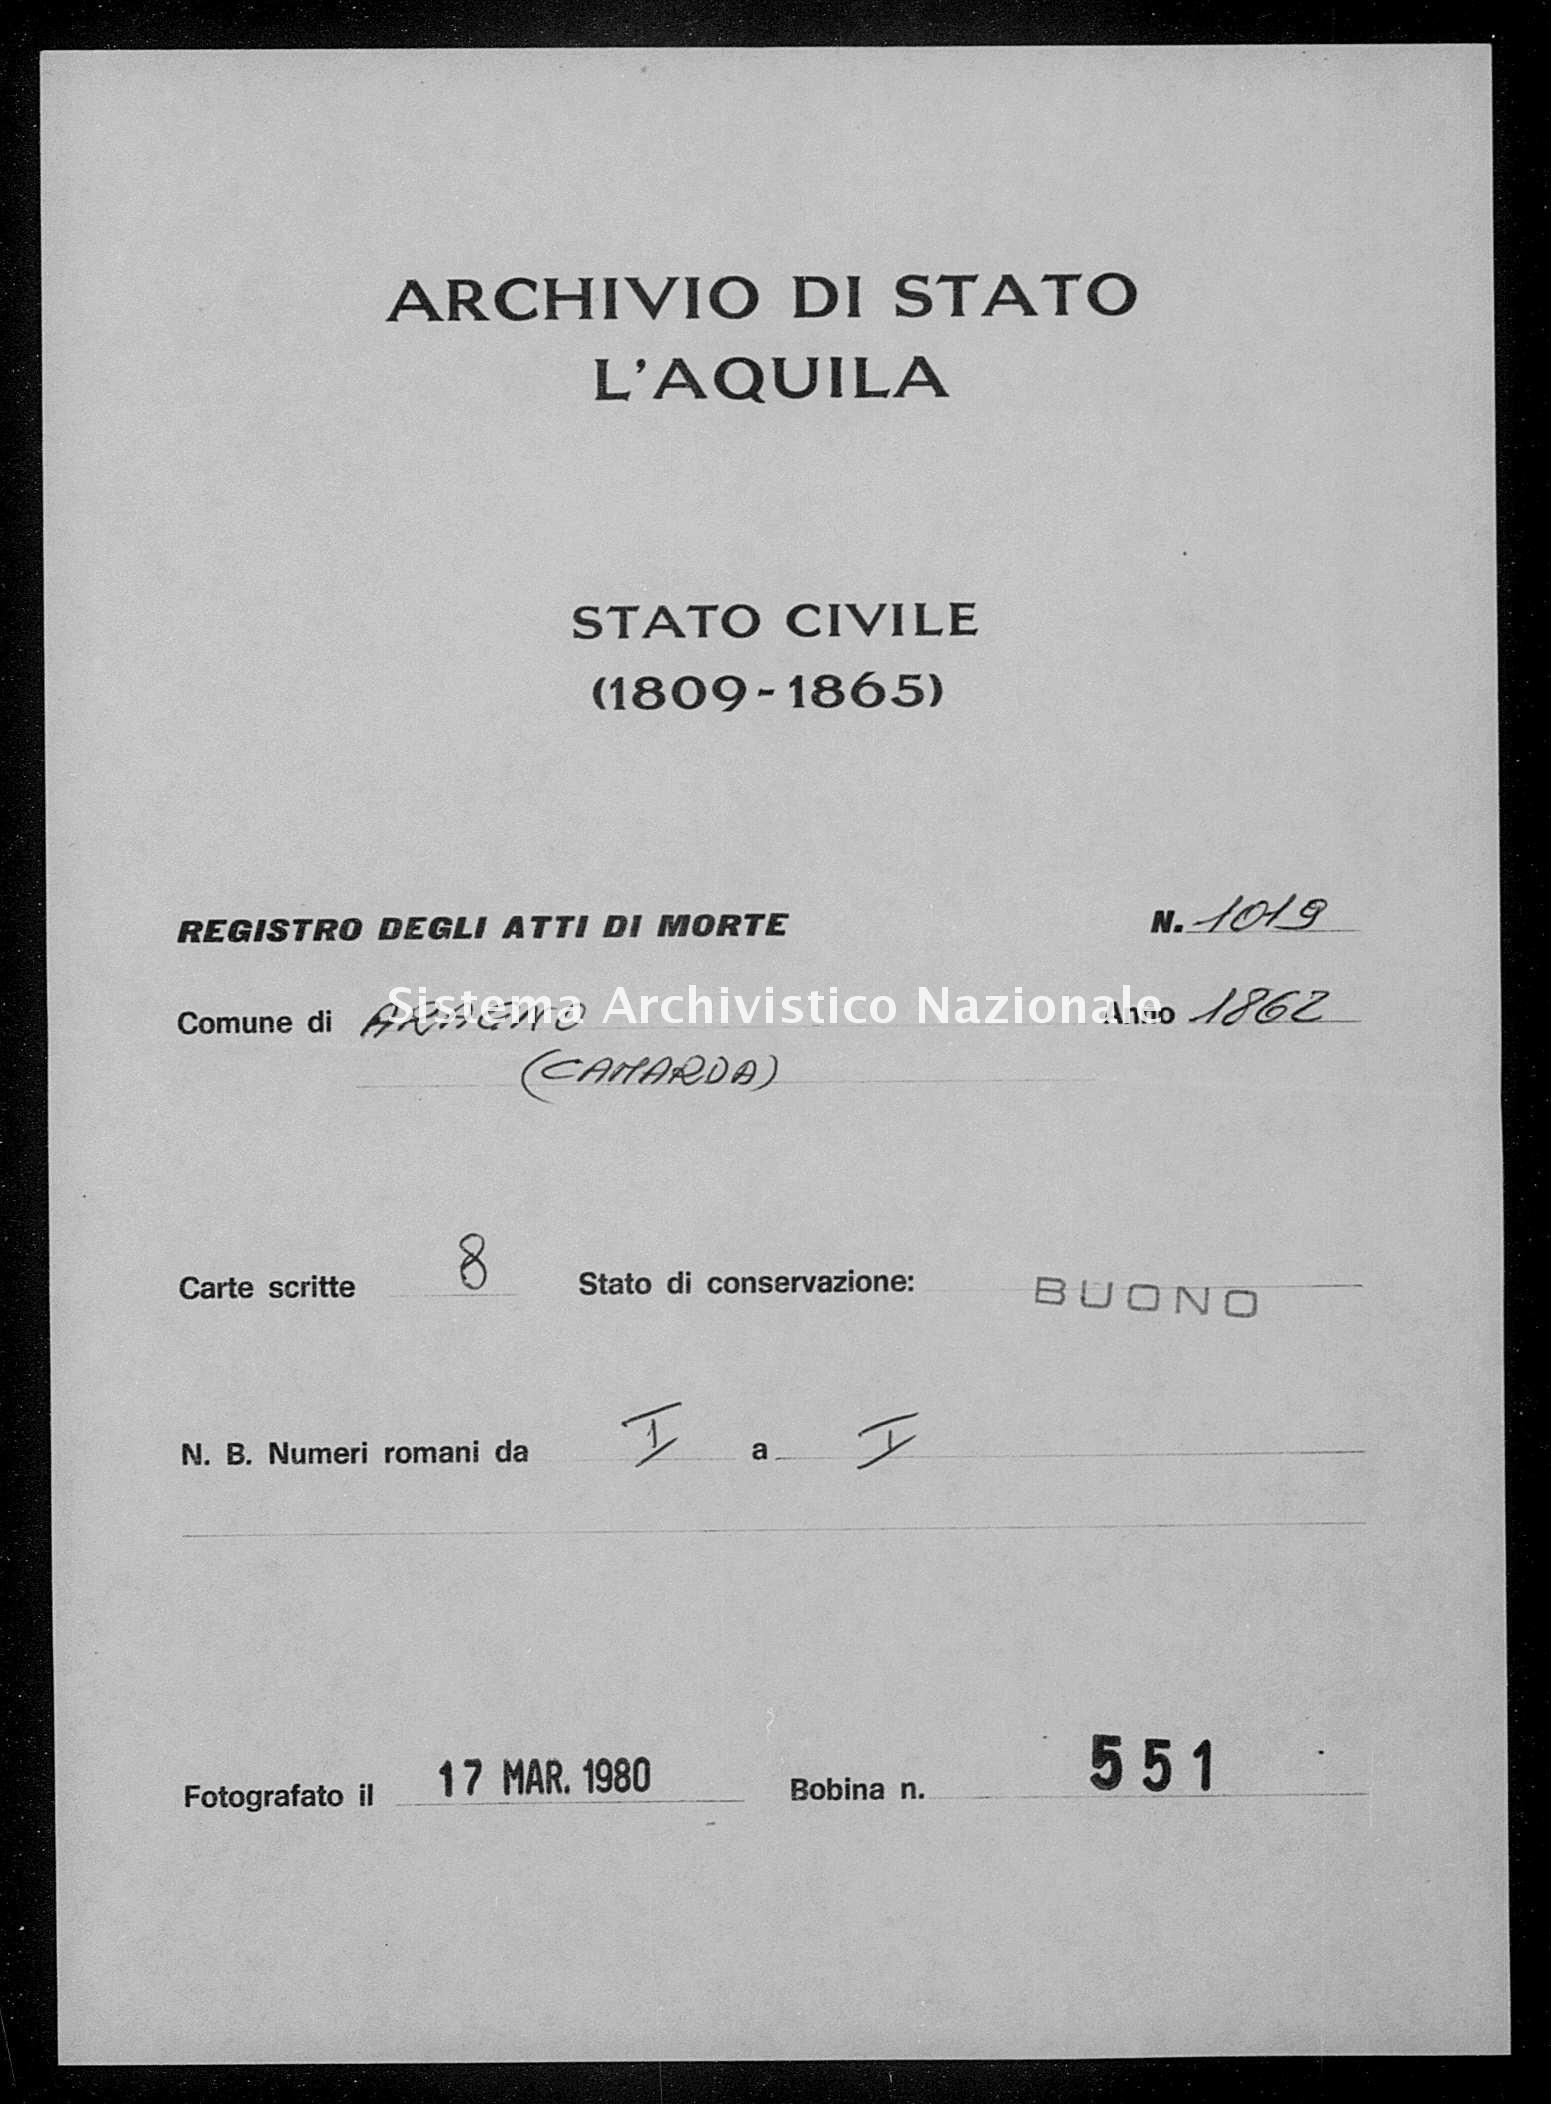 Archivio di stato di L'aquila - Stato civile italiano - Aragno - Morti - 1862 - 1019 -